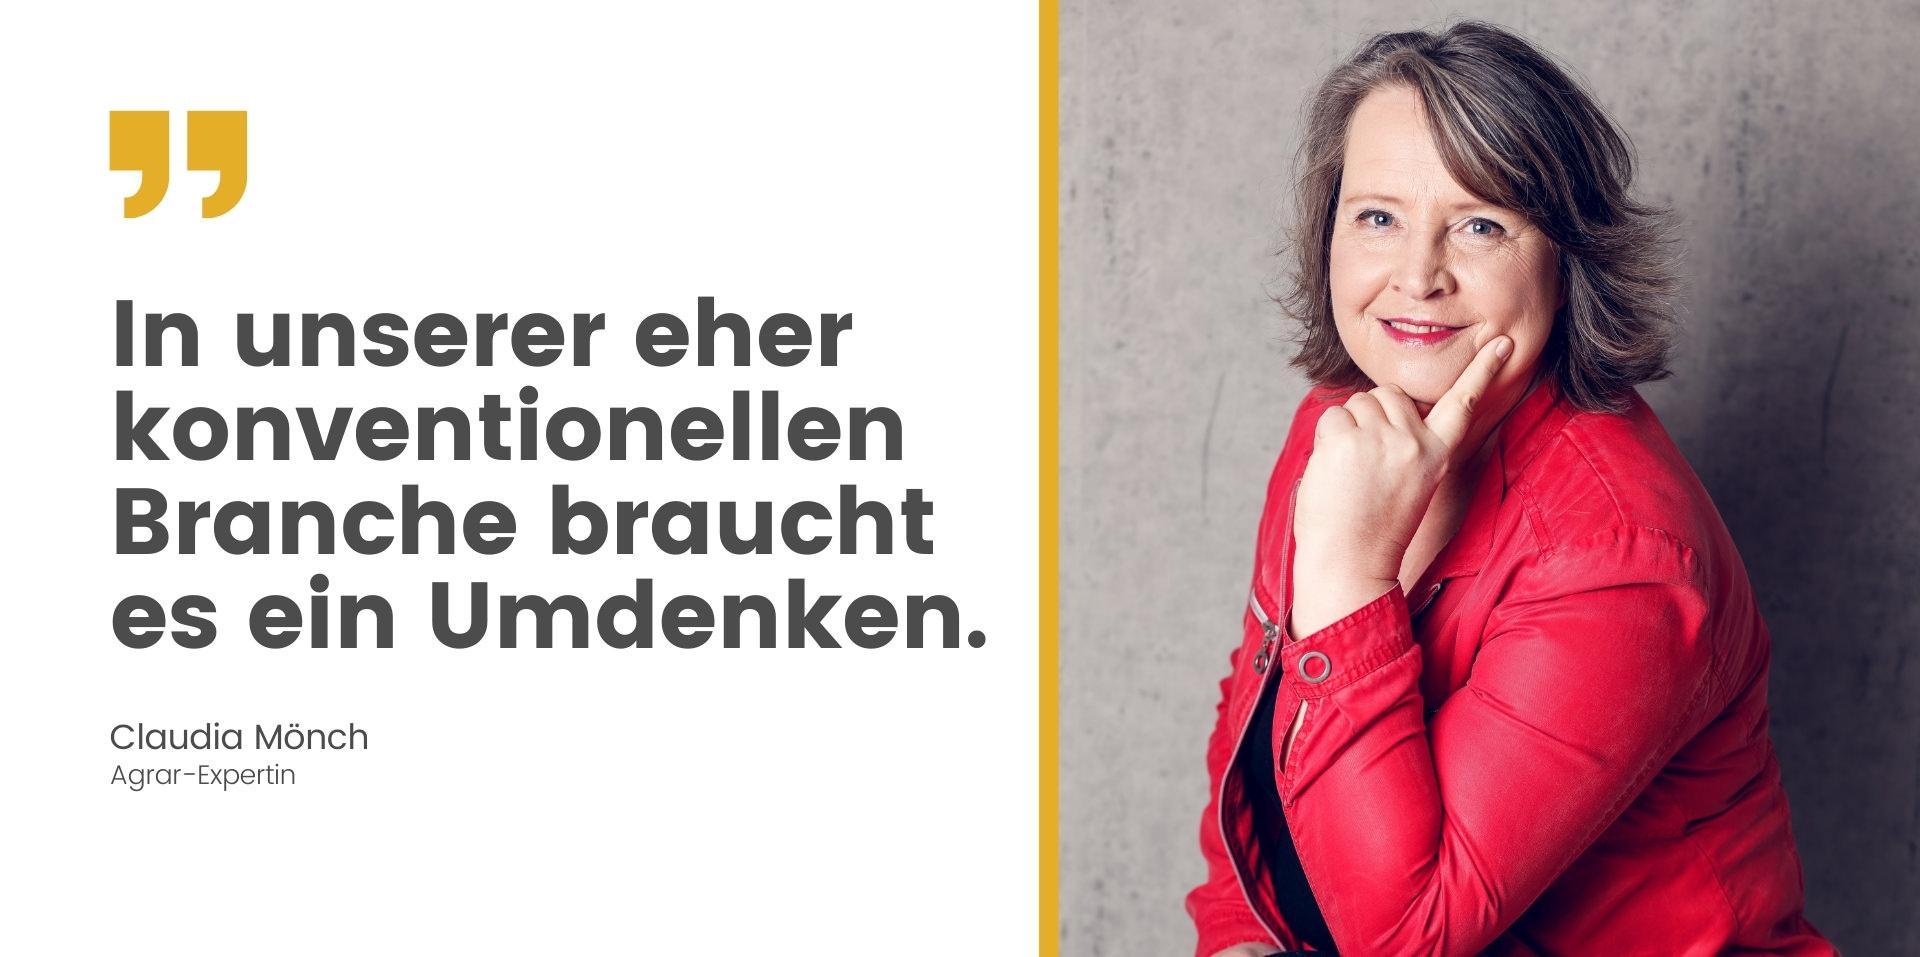 Claudia Mönch Zitat